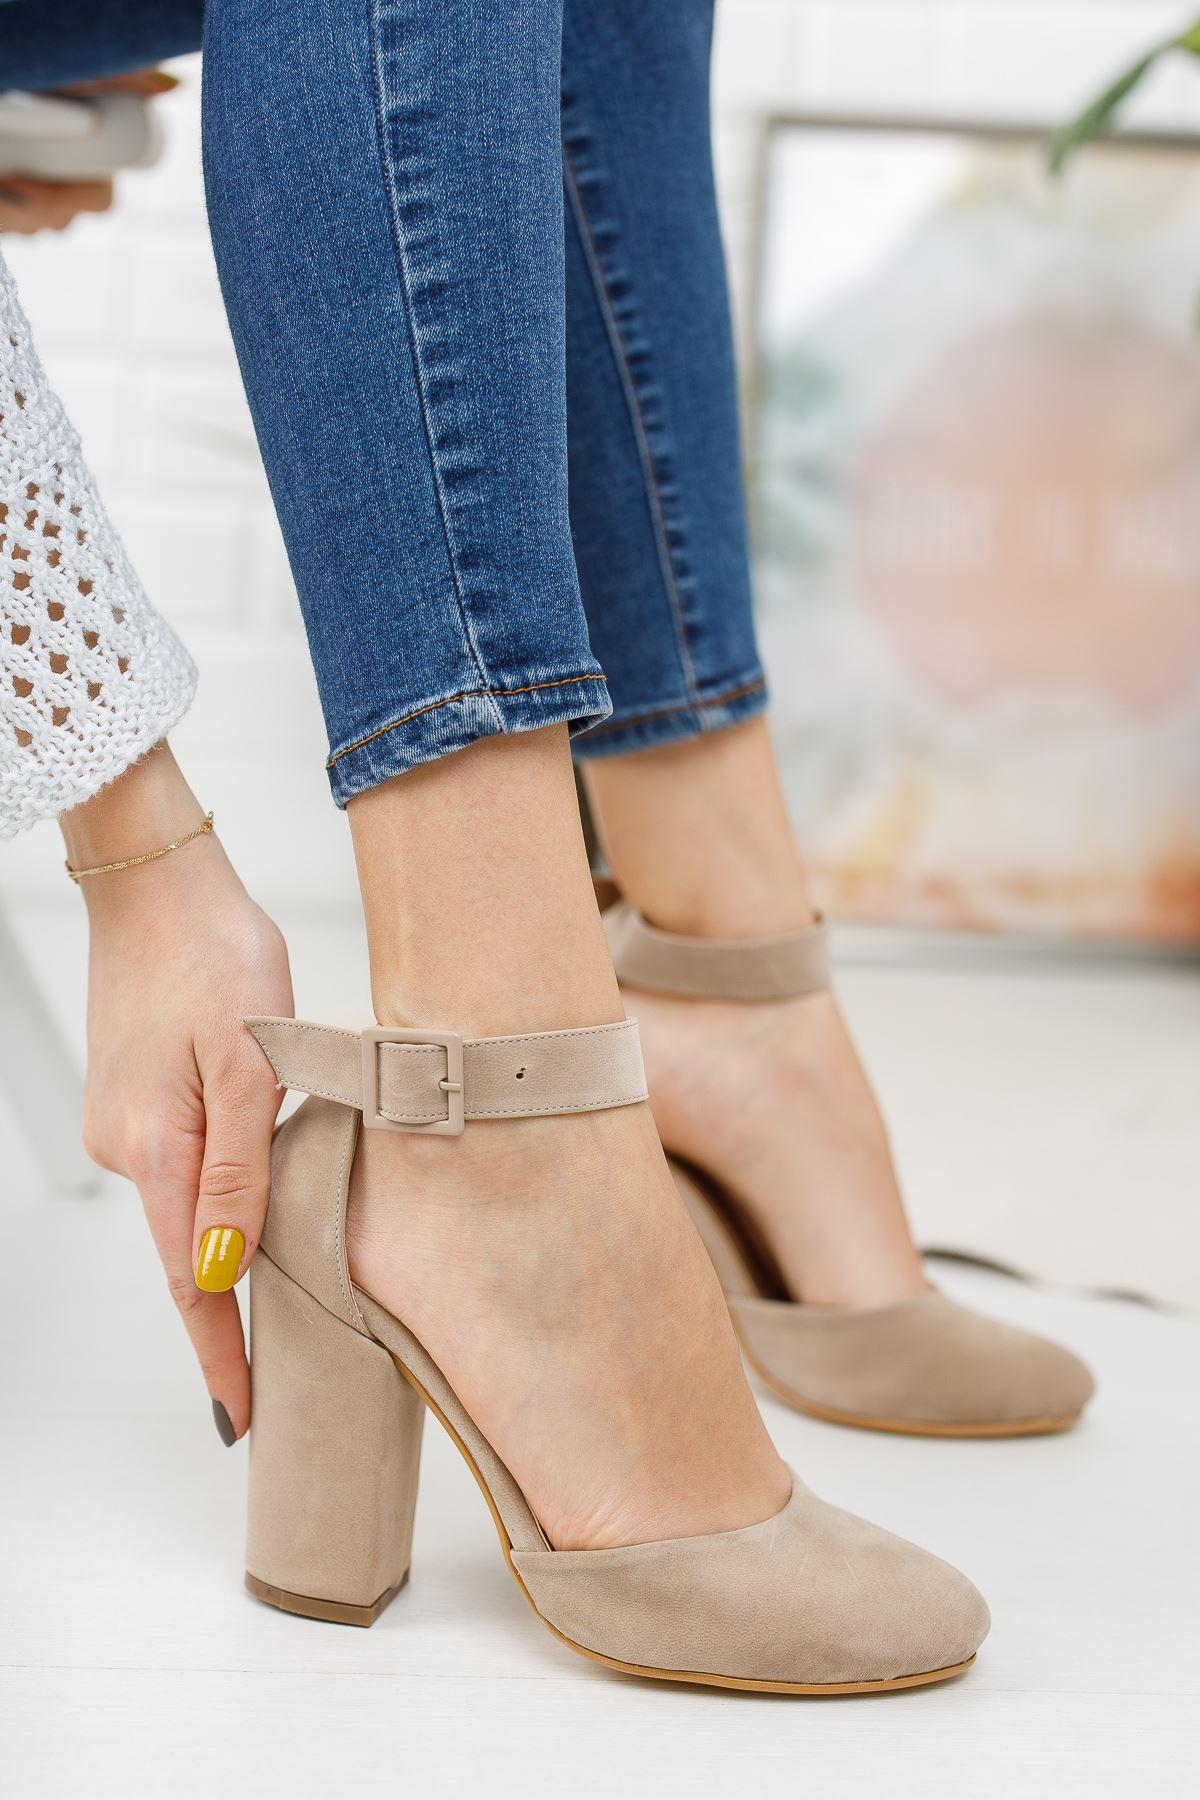 Kadın Berland Bej Topuklu Ayakkabı